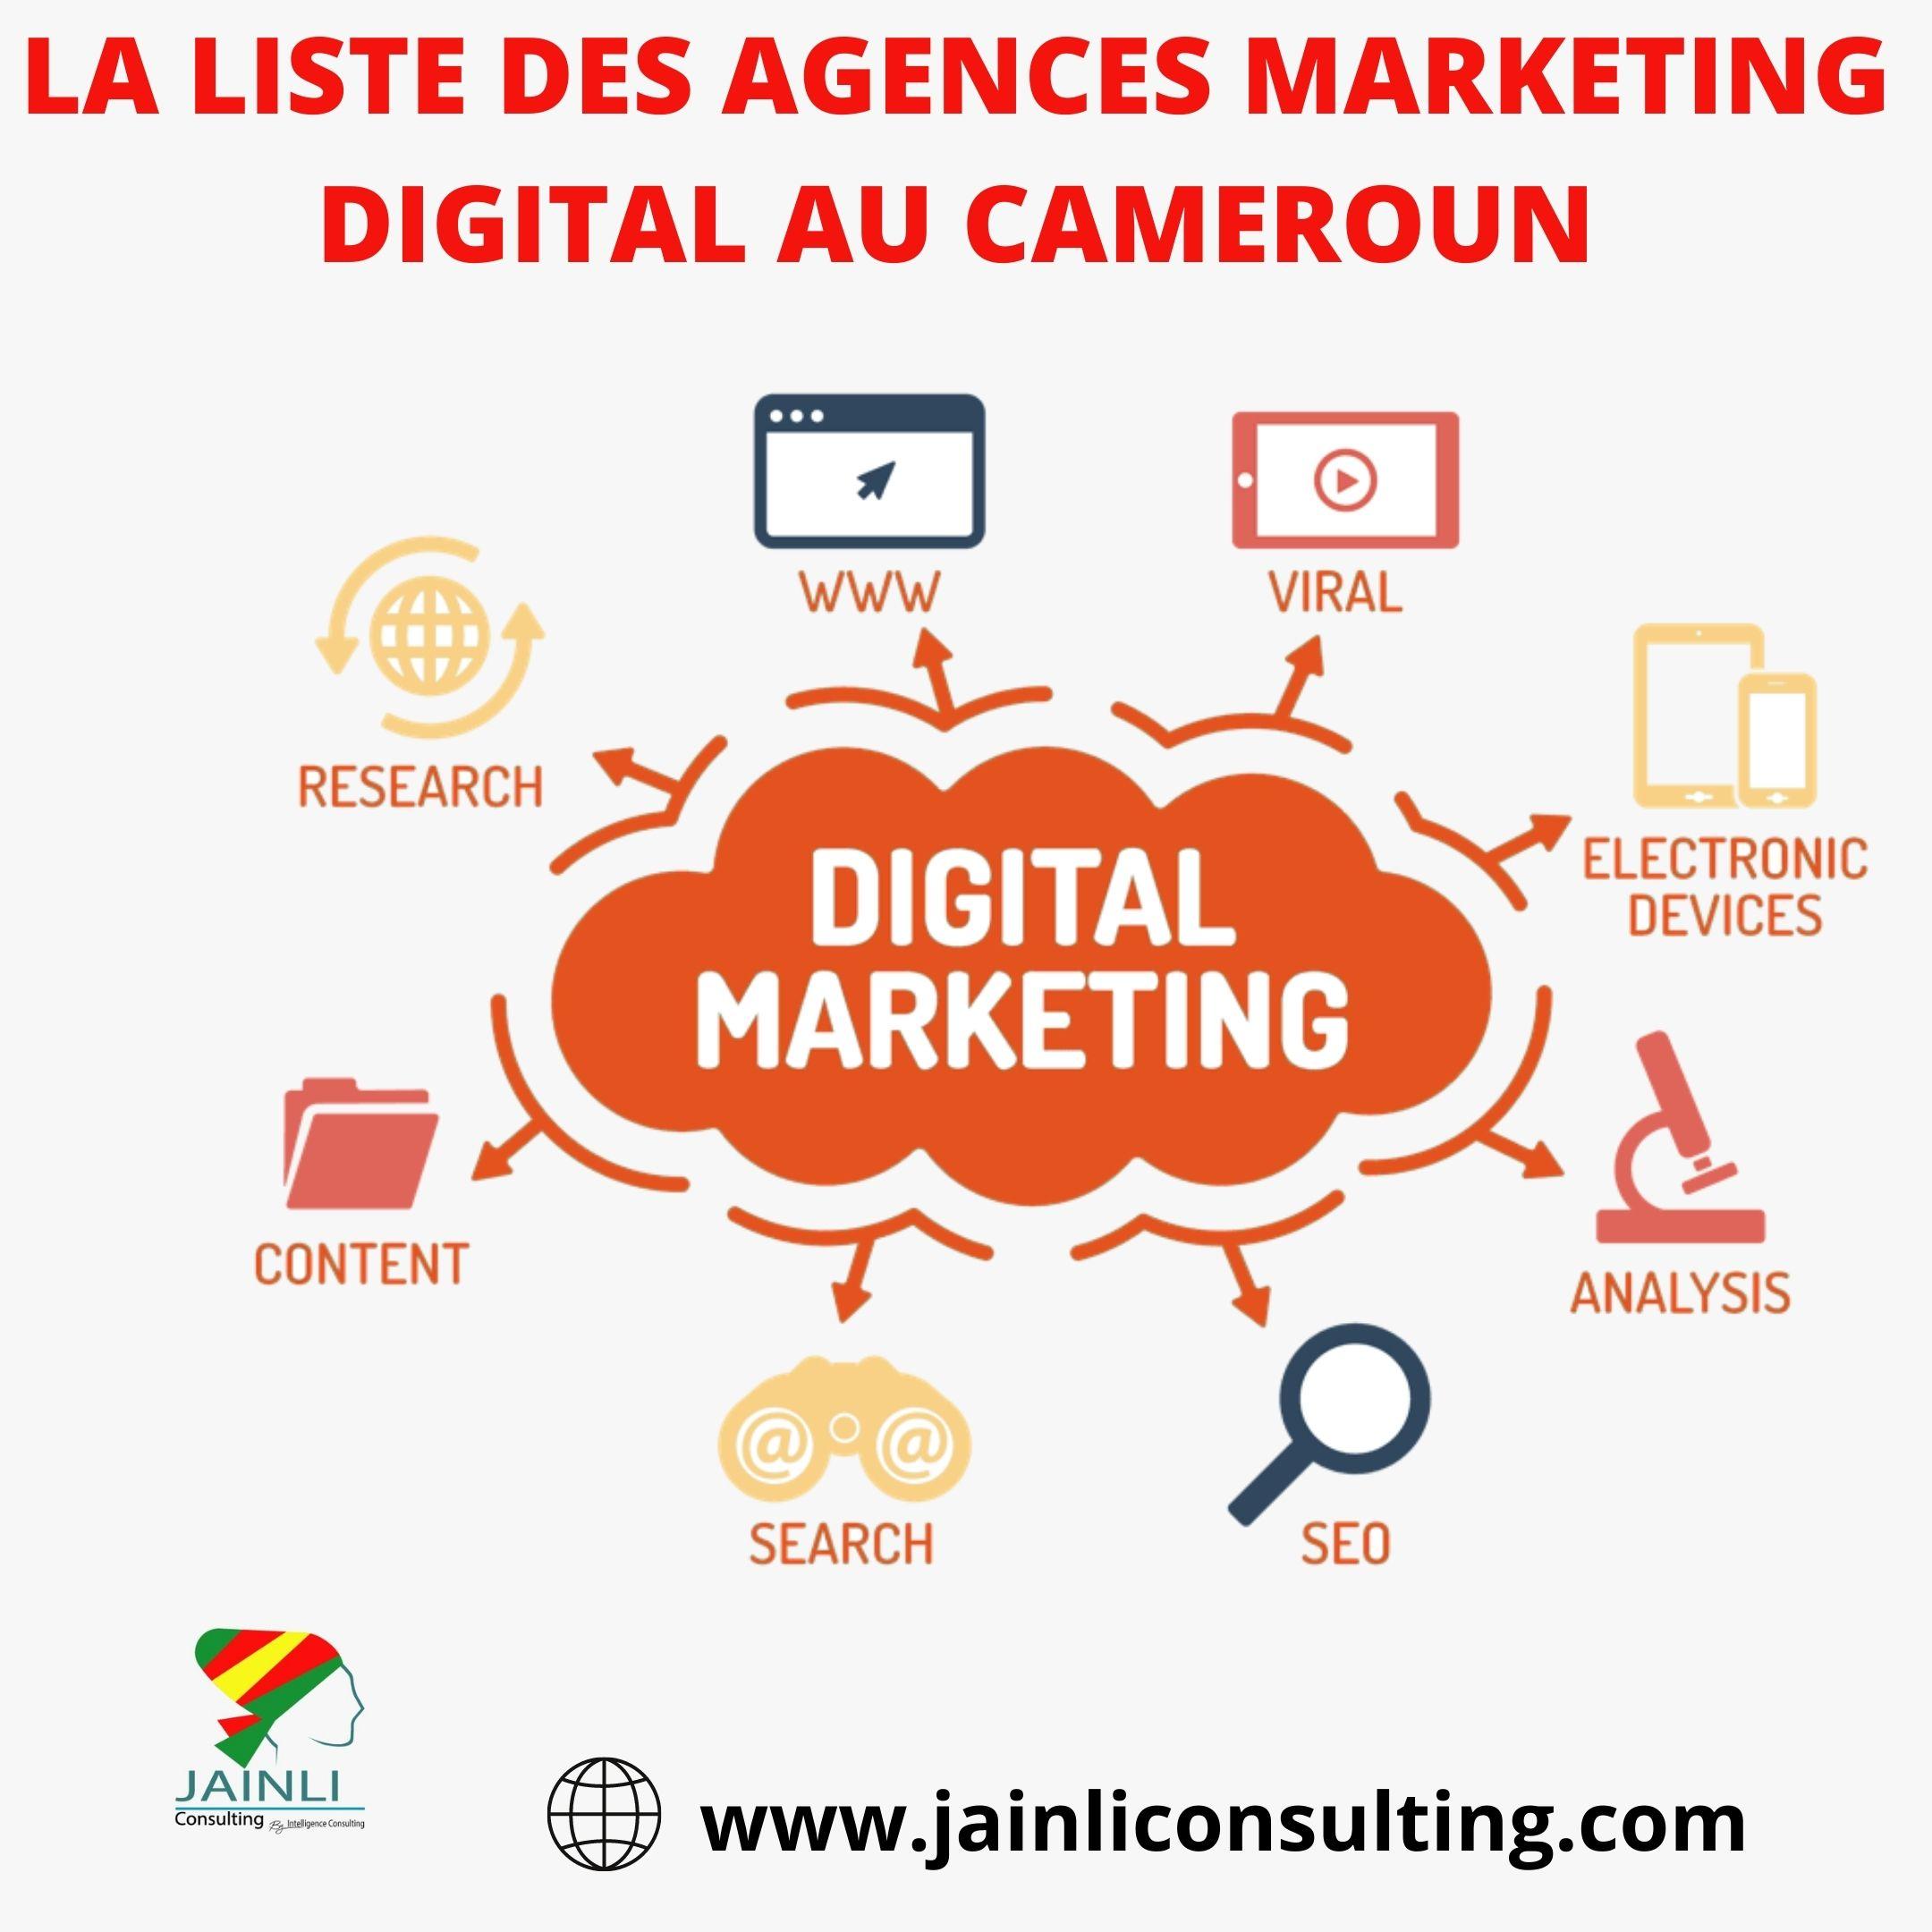 image présentant des fonctionnalités du marketing digital